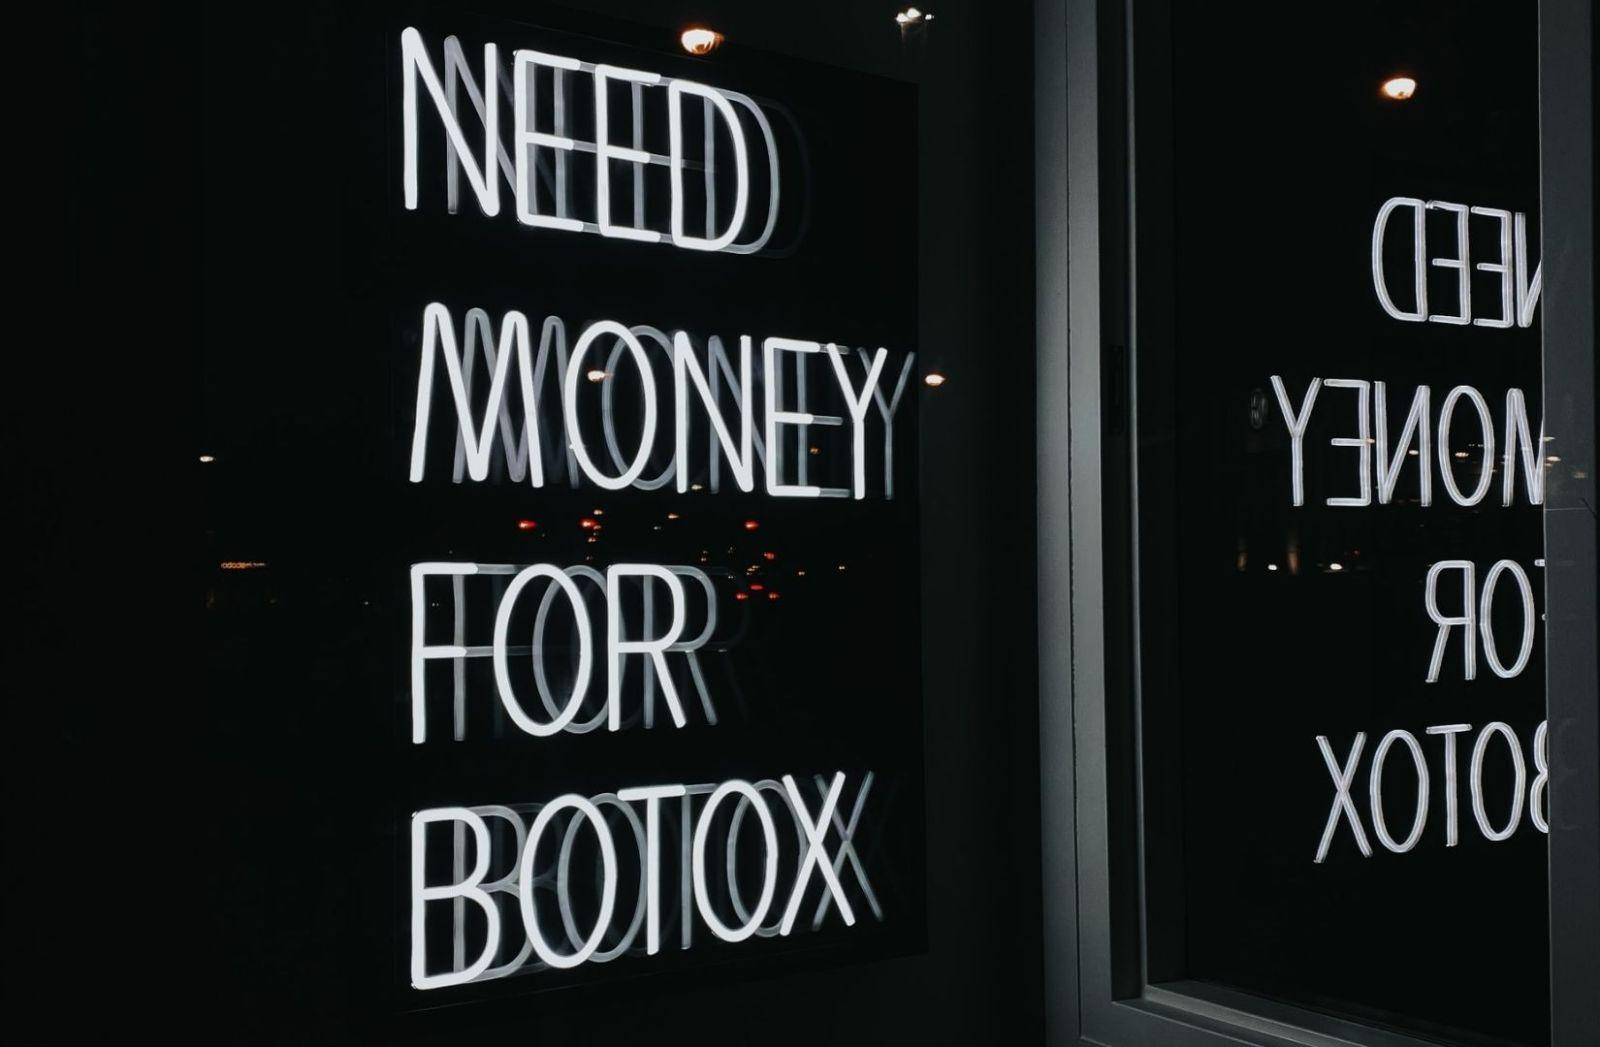 Die Wertegemeinschaft hat auch Botox im Angebot. (Foto: Victoria Rokita, Unsplash.com)